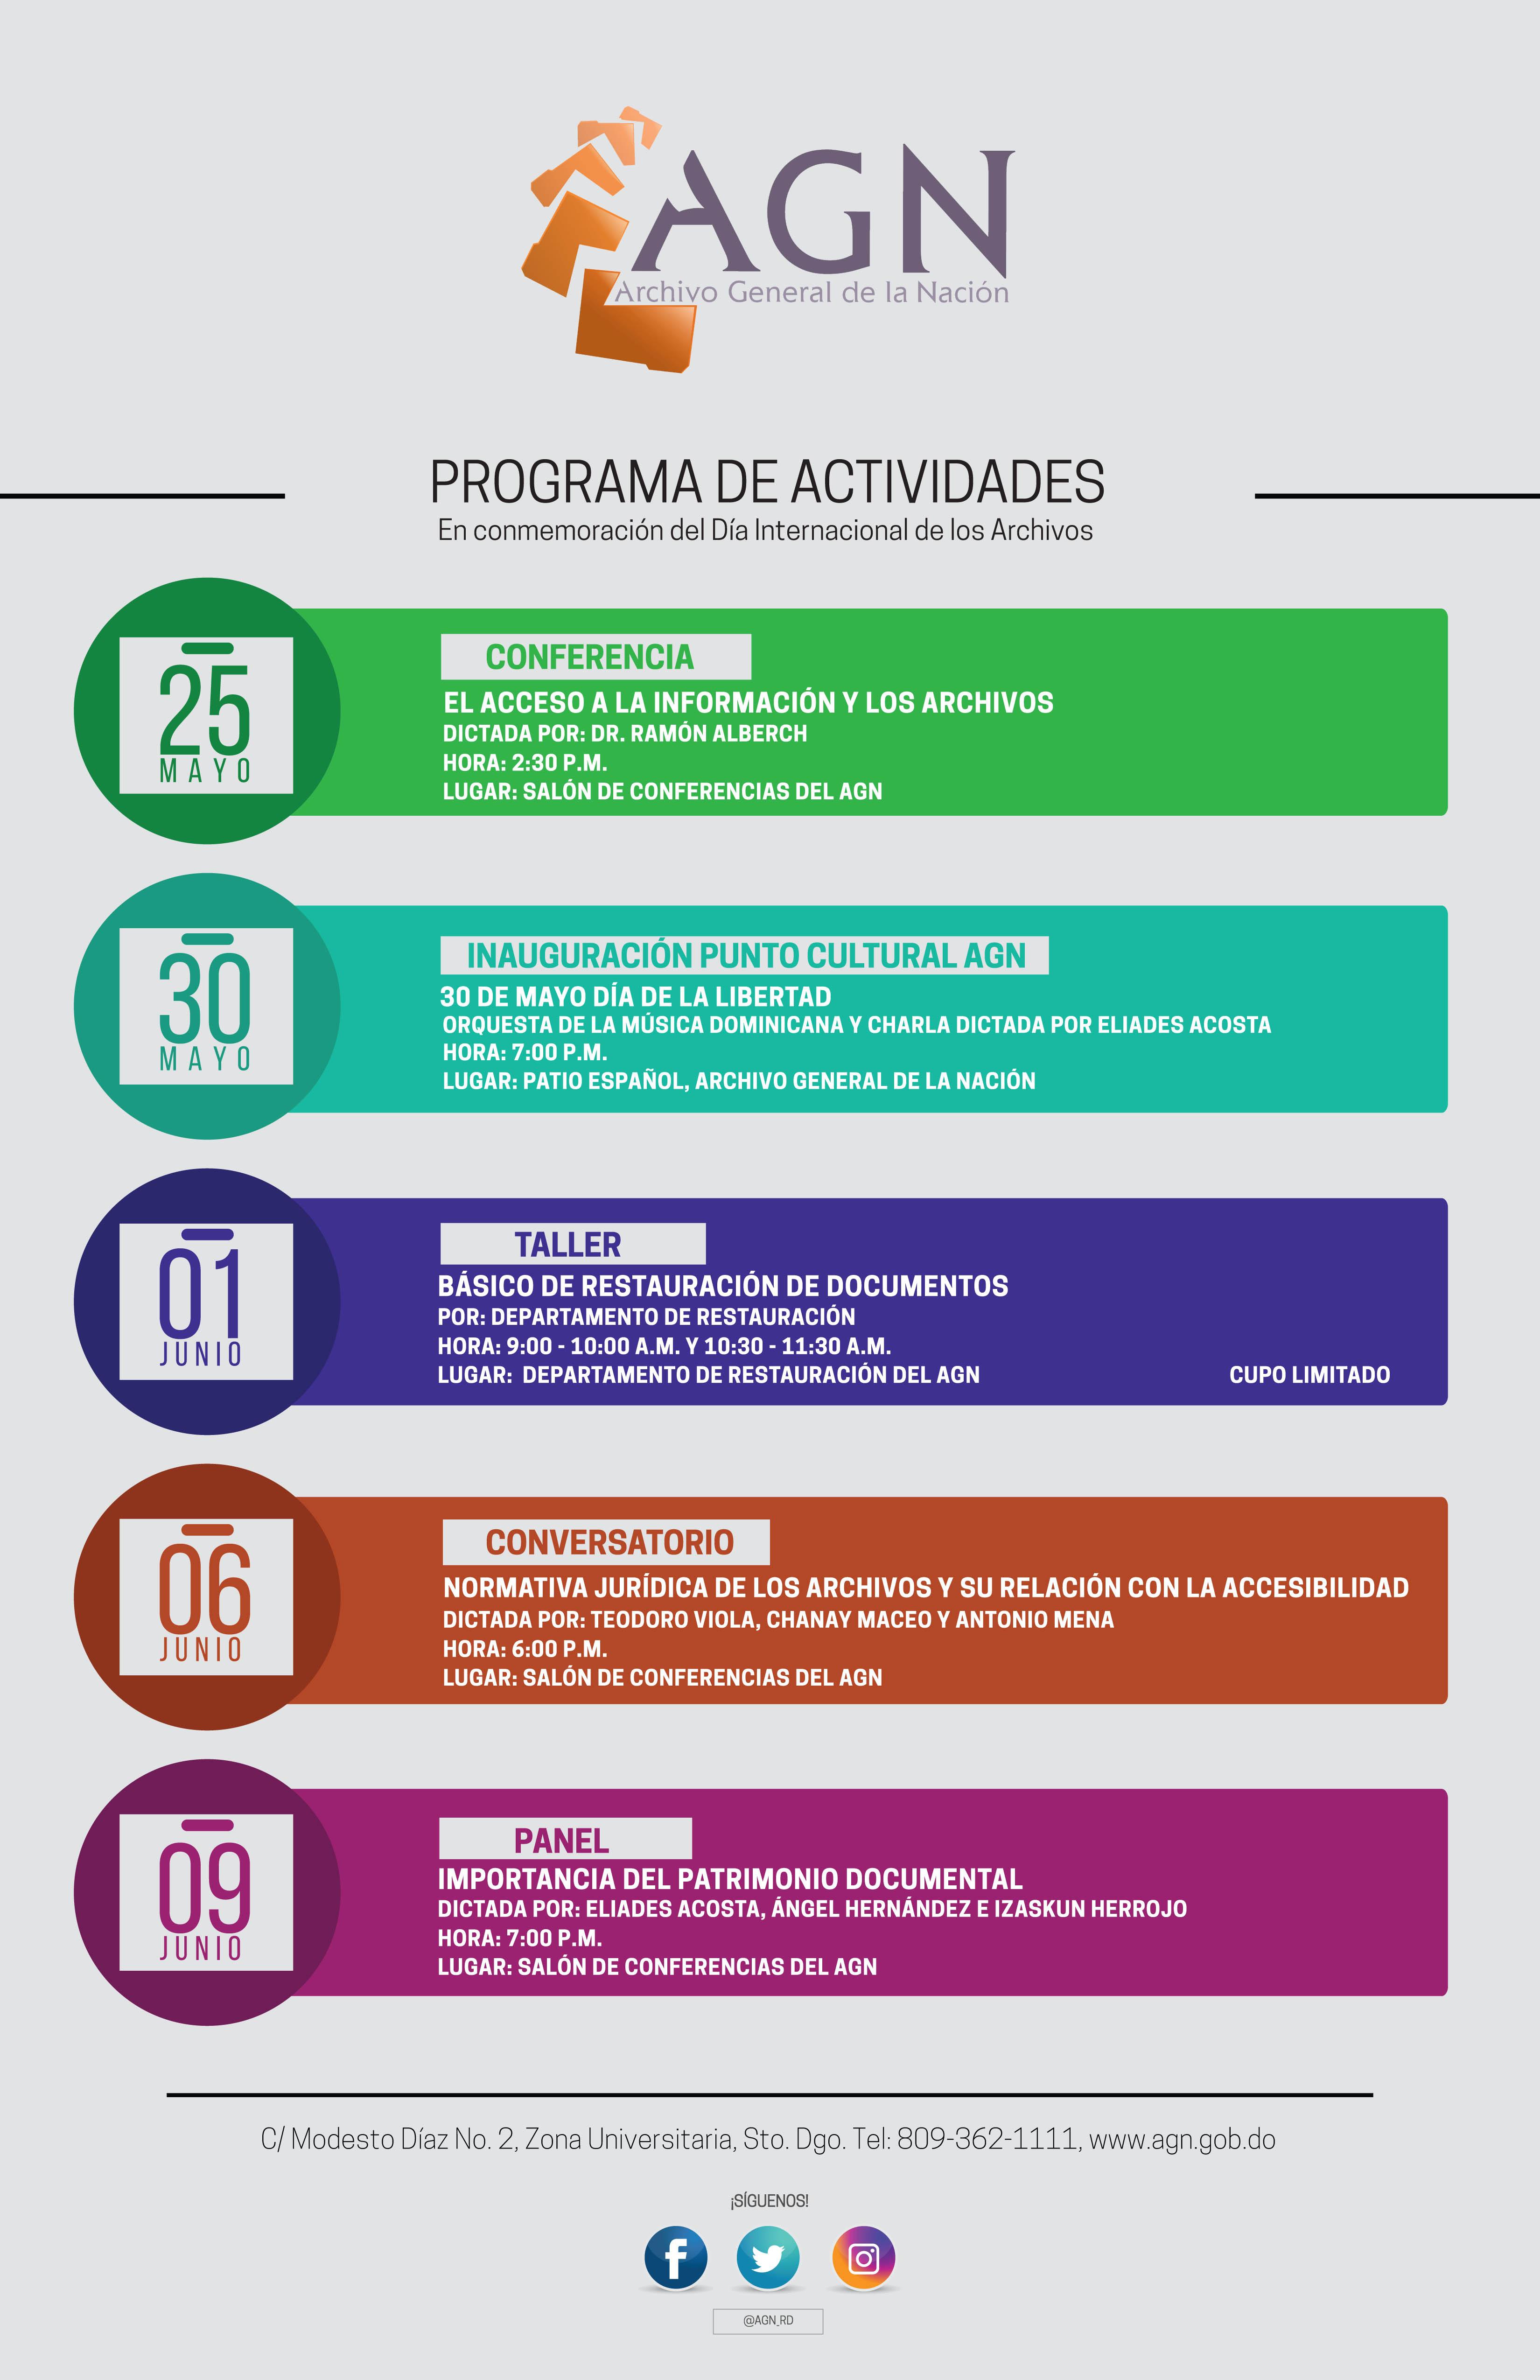 Calendario de actividades